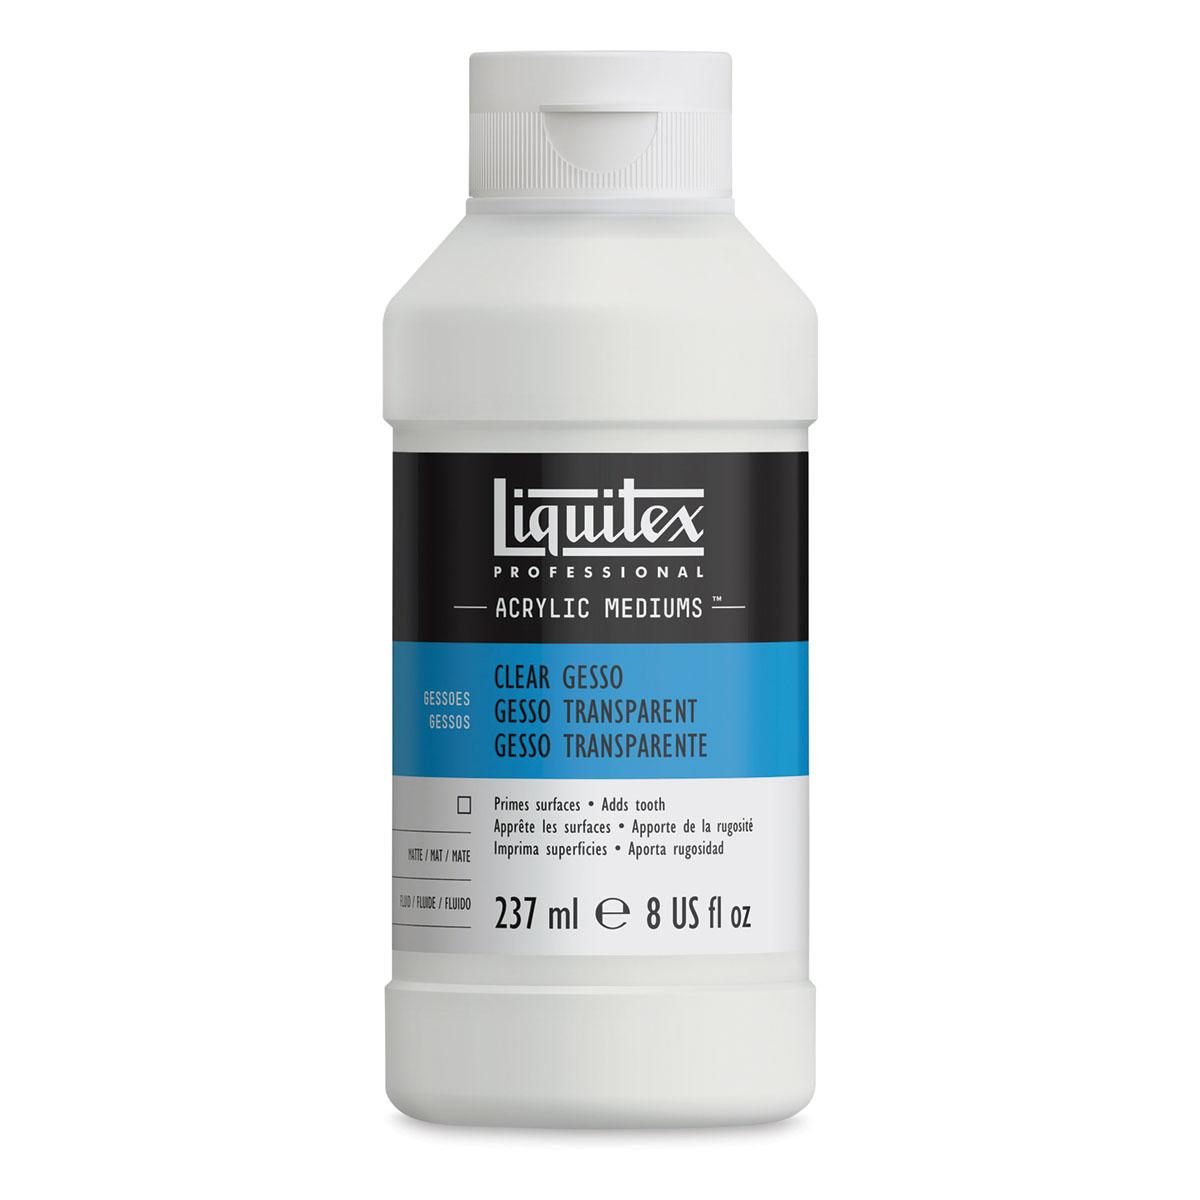 Liquitex Acrylic Medium - Clear Gesso, 8 oz jar